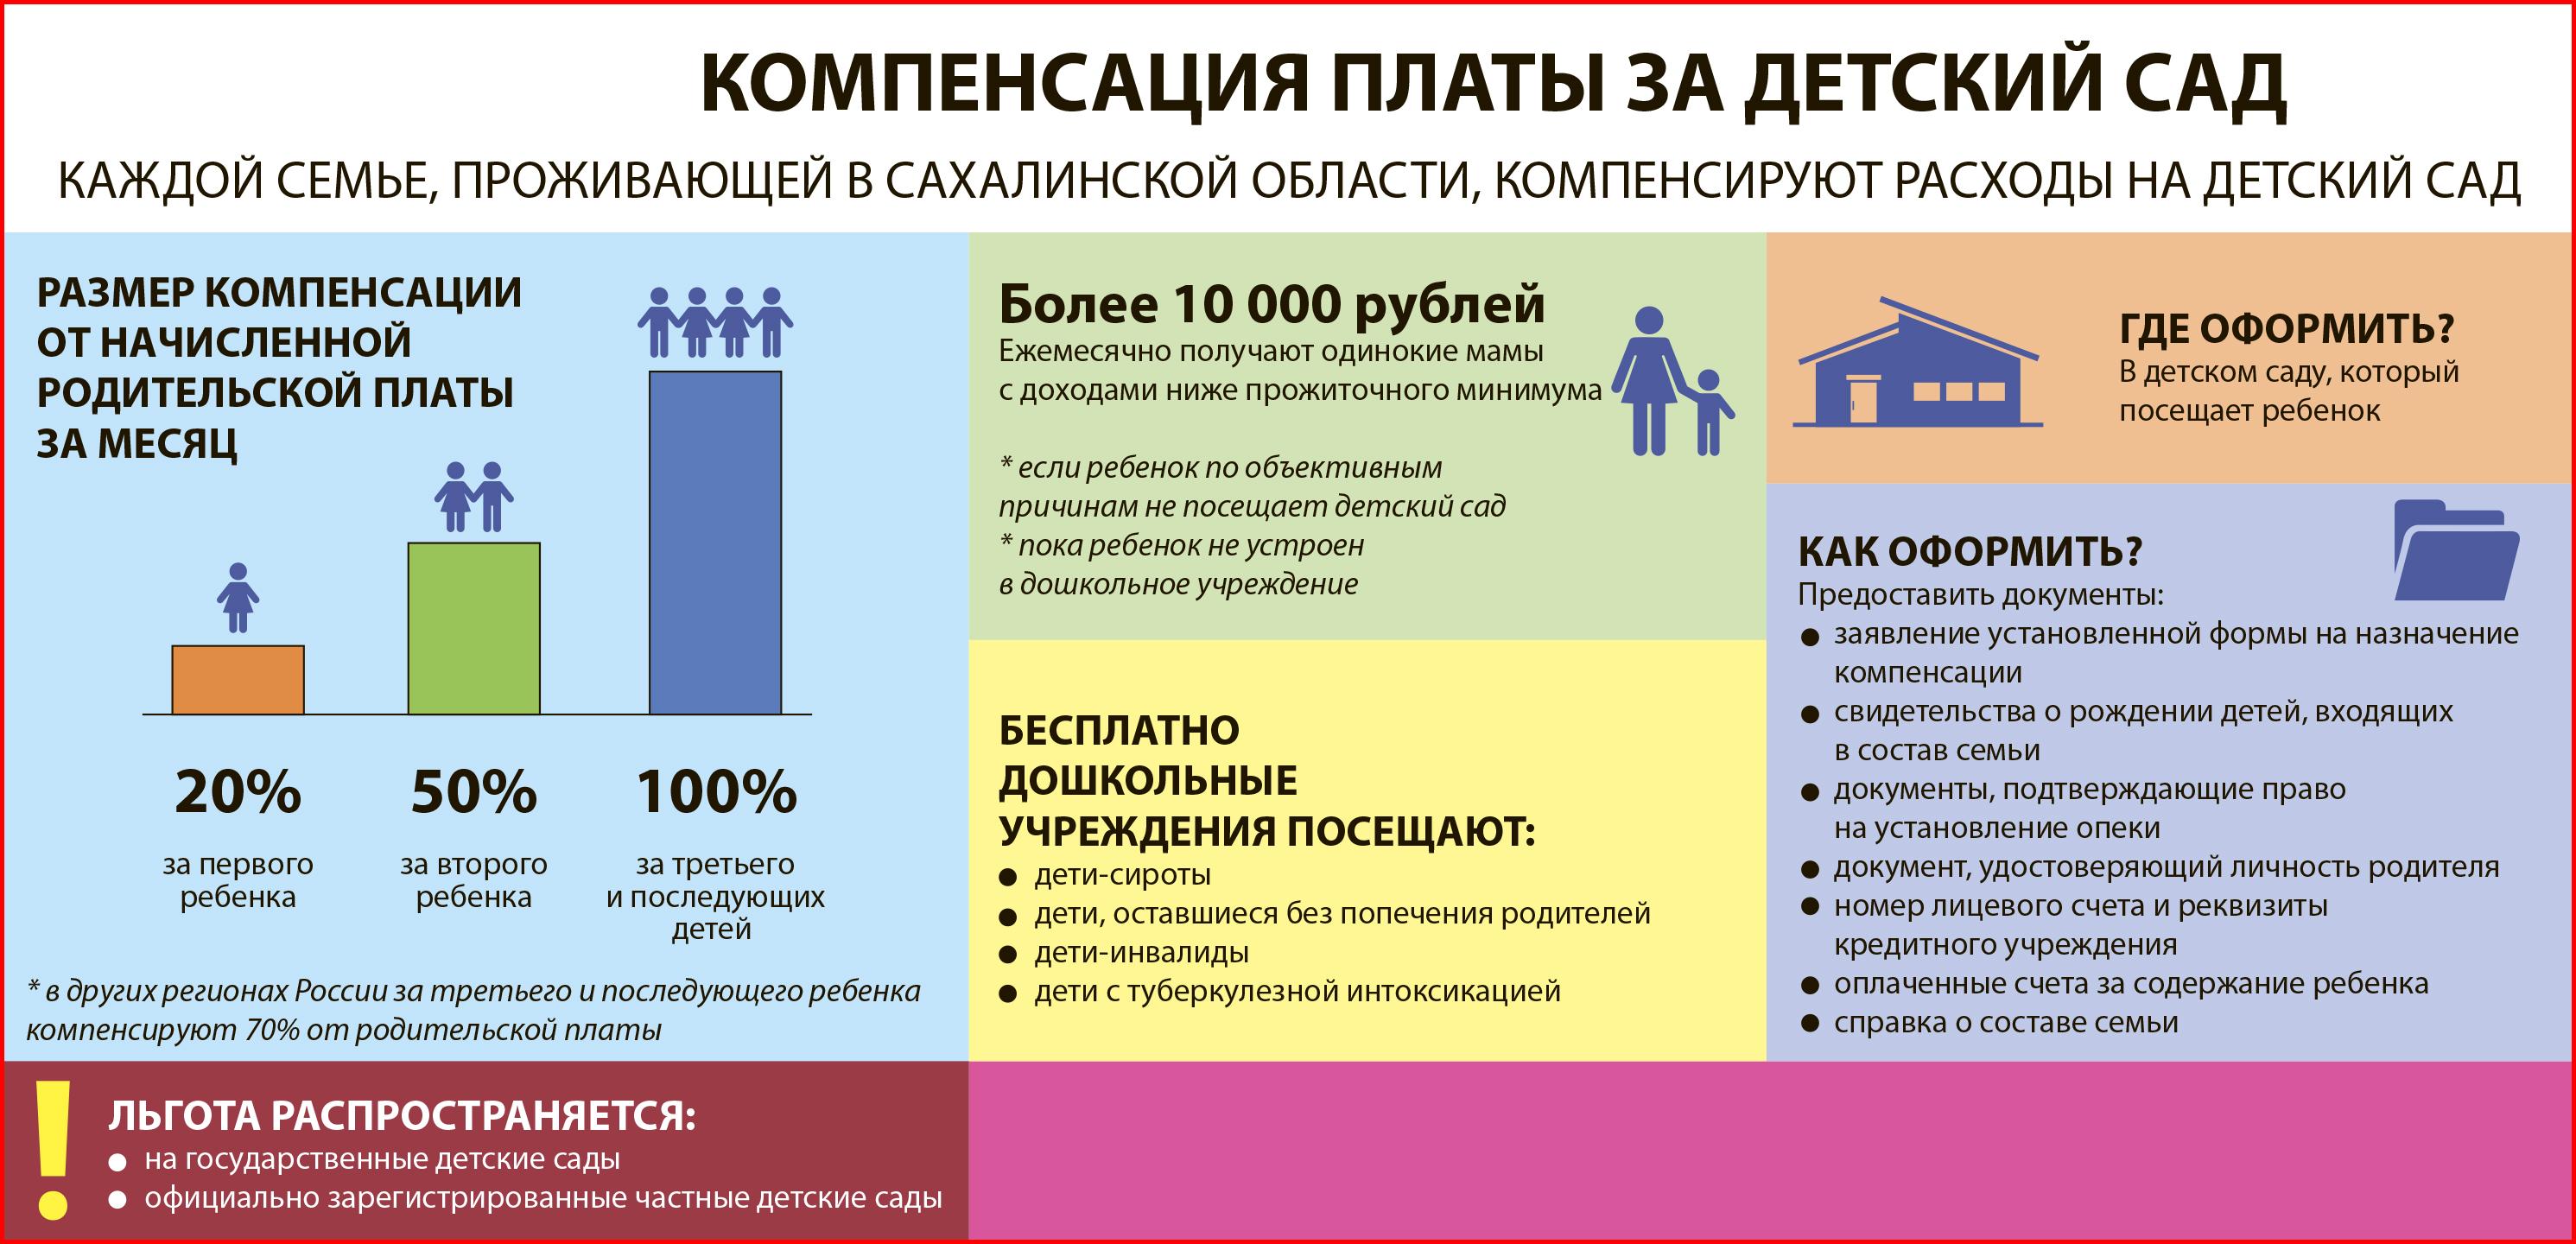 Компенсация платы за детский сад